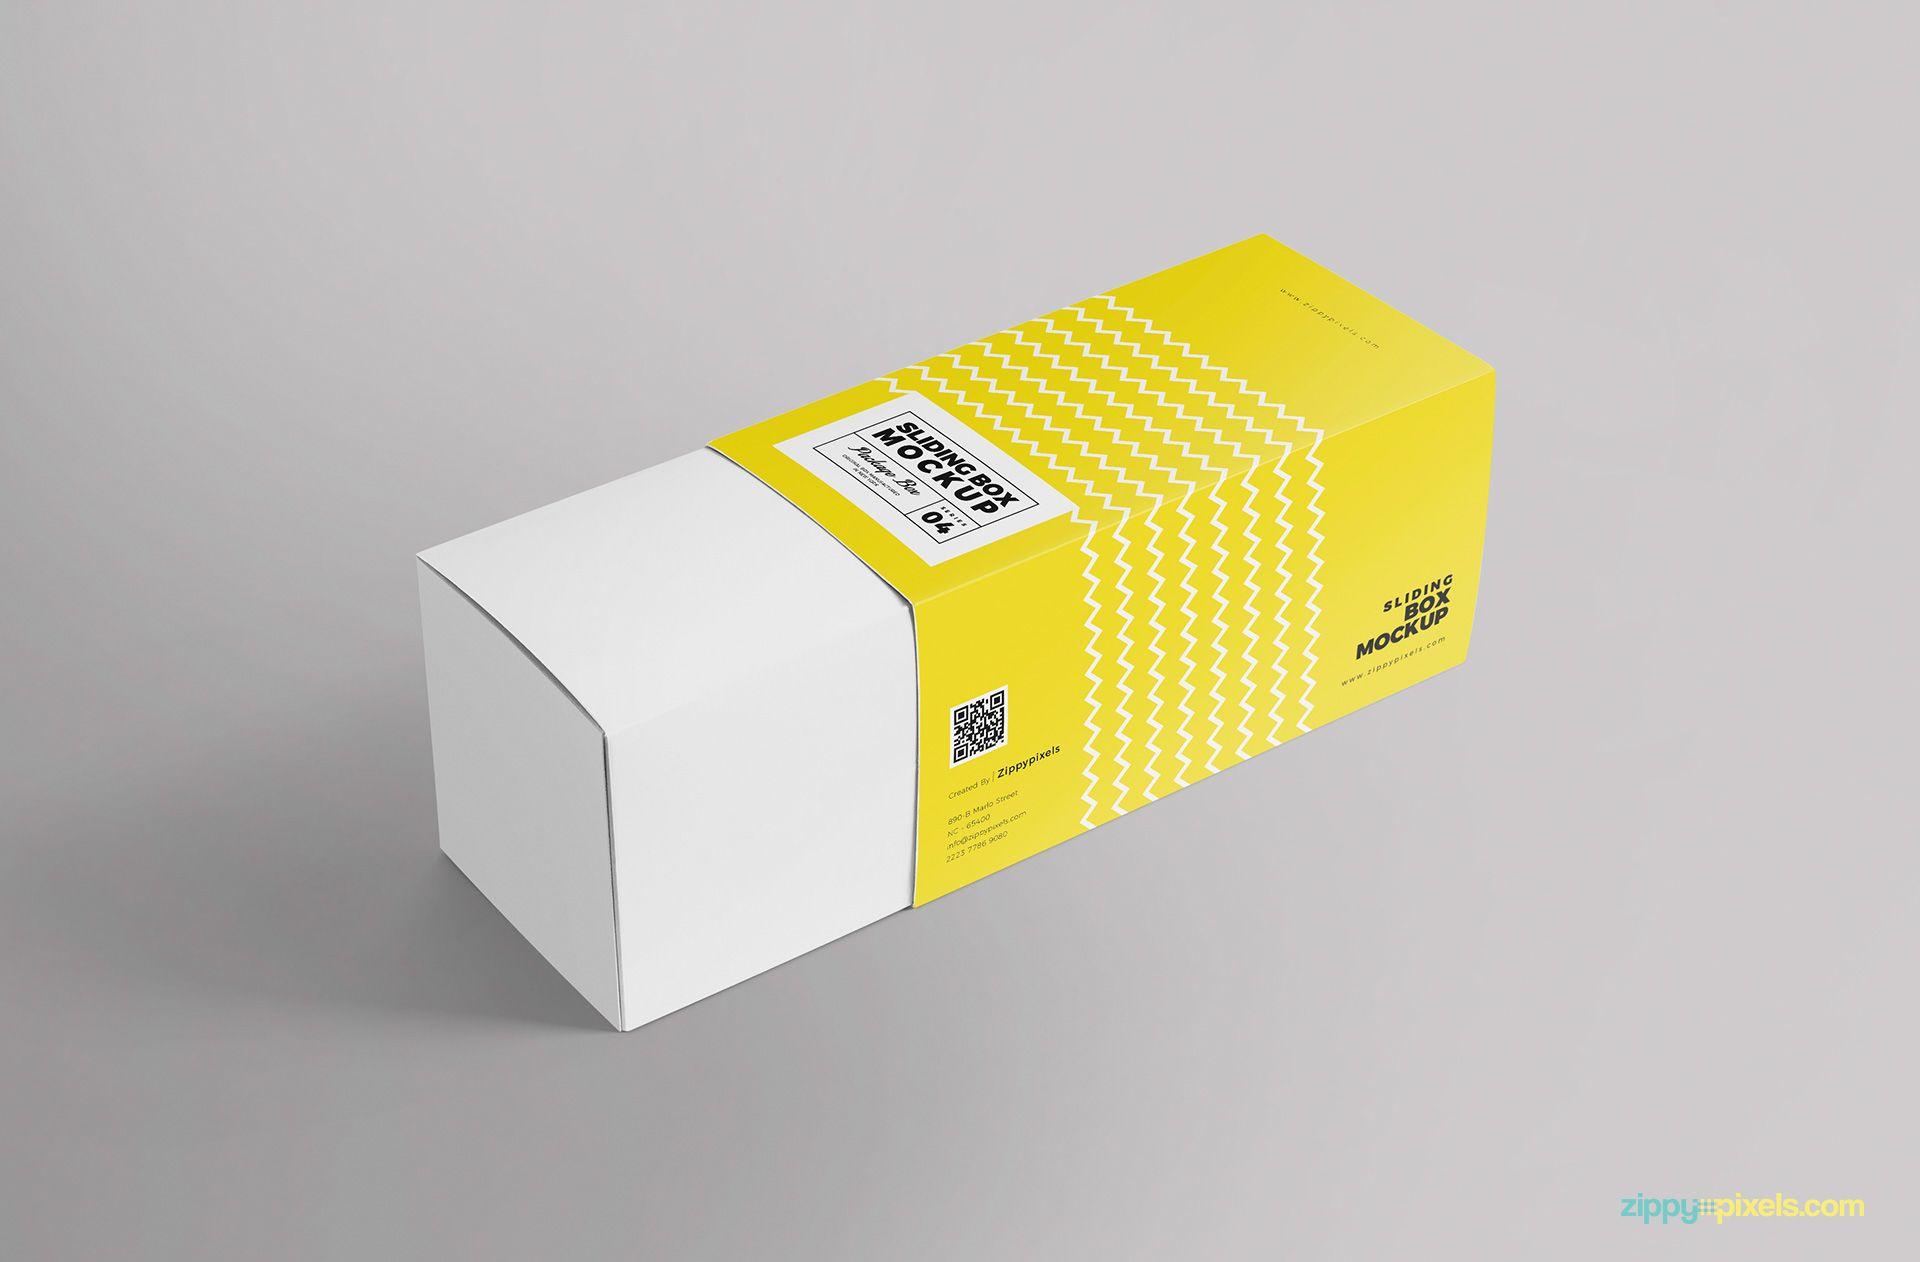 Download 3 Free Cardboard Drawer Box Mockups Zippypixels Box Mockup Slide Box Cardboard Drawers